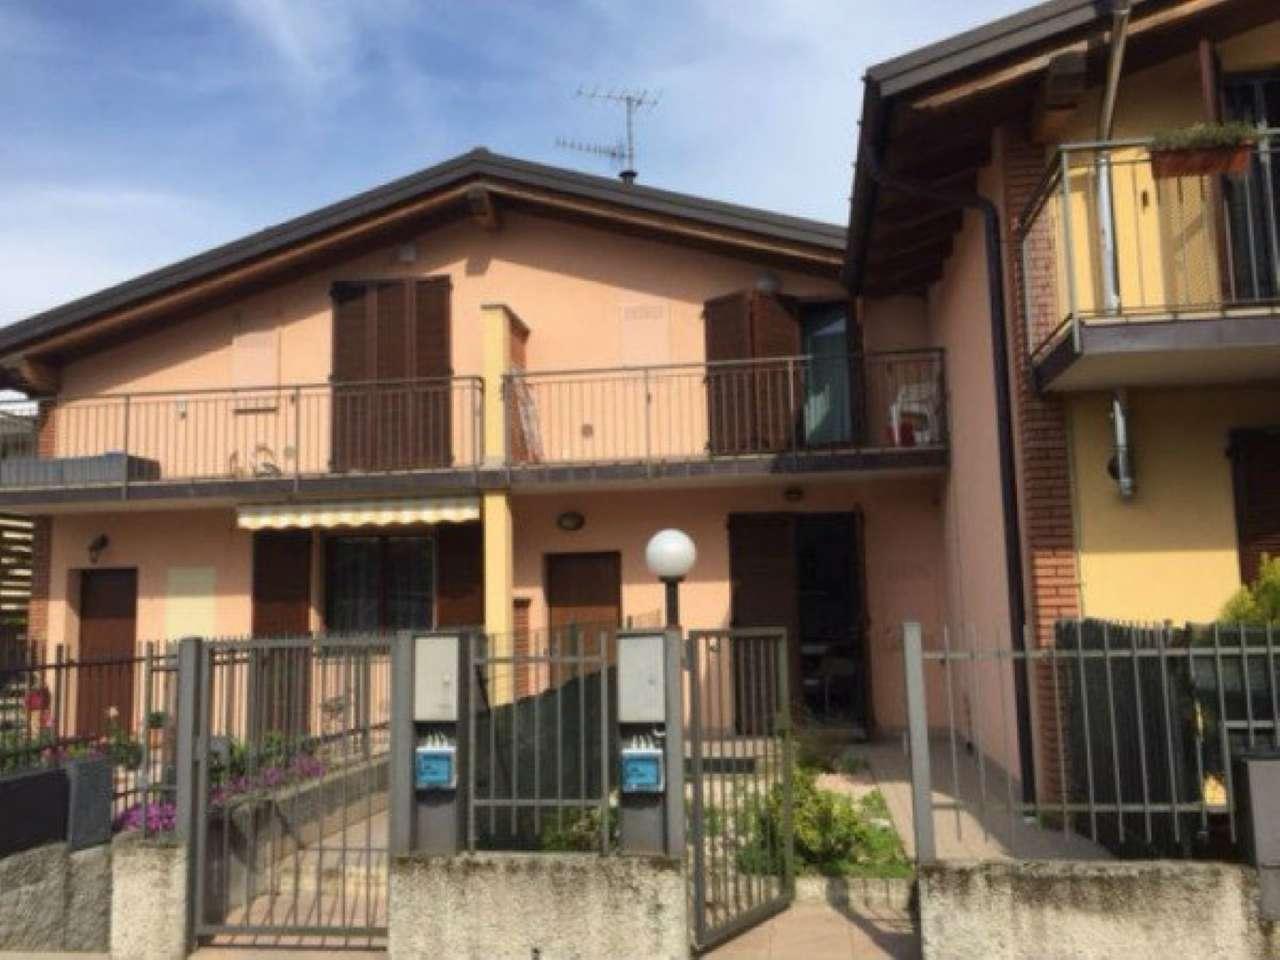 Appartamento in vendita a Buguggiate, 2 locali, prezzo € 105.000 | Cambio Casa.it